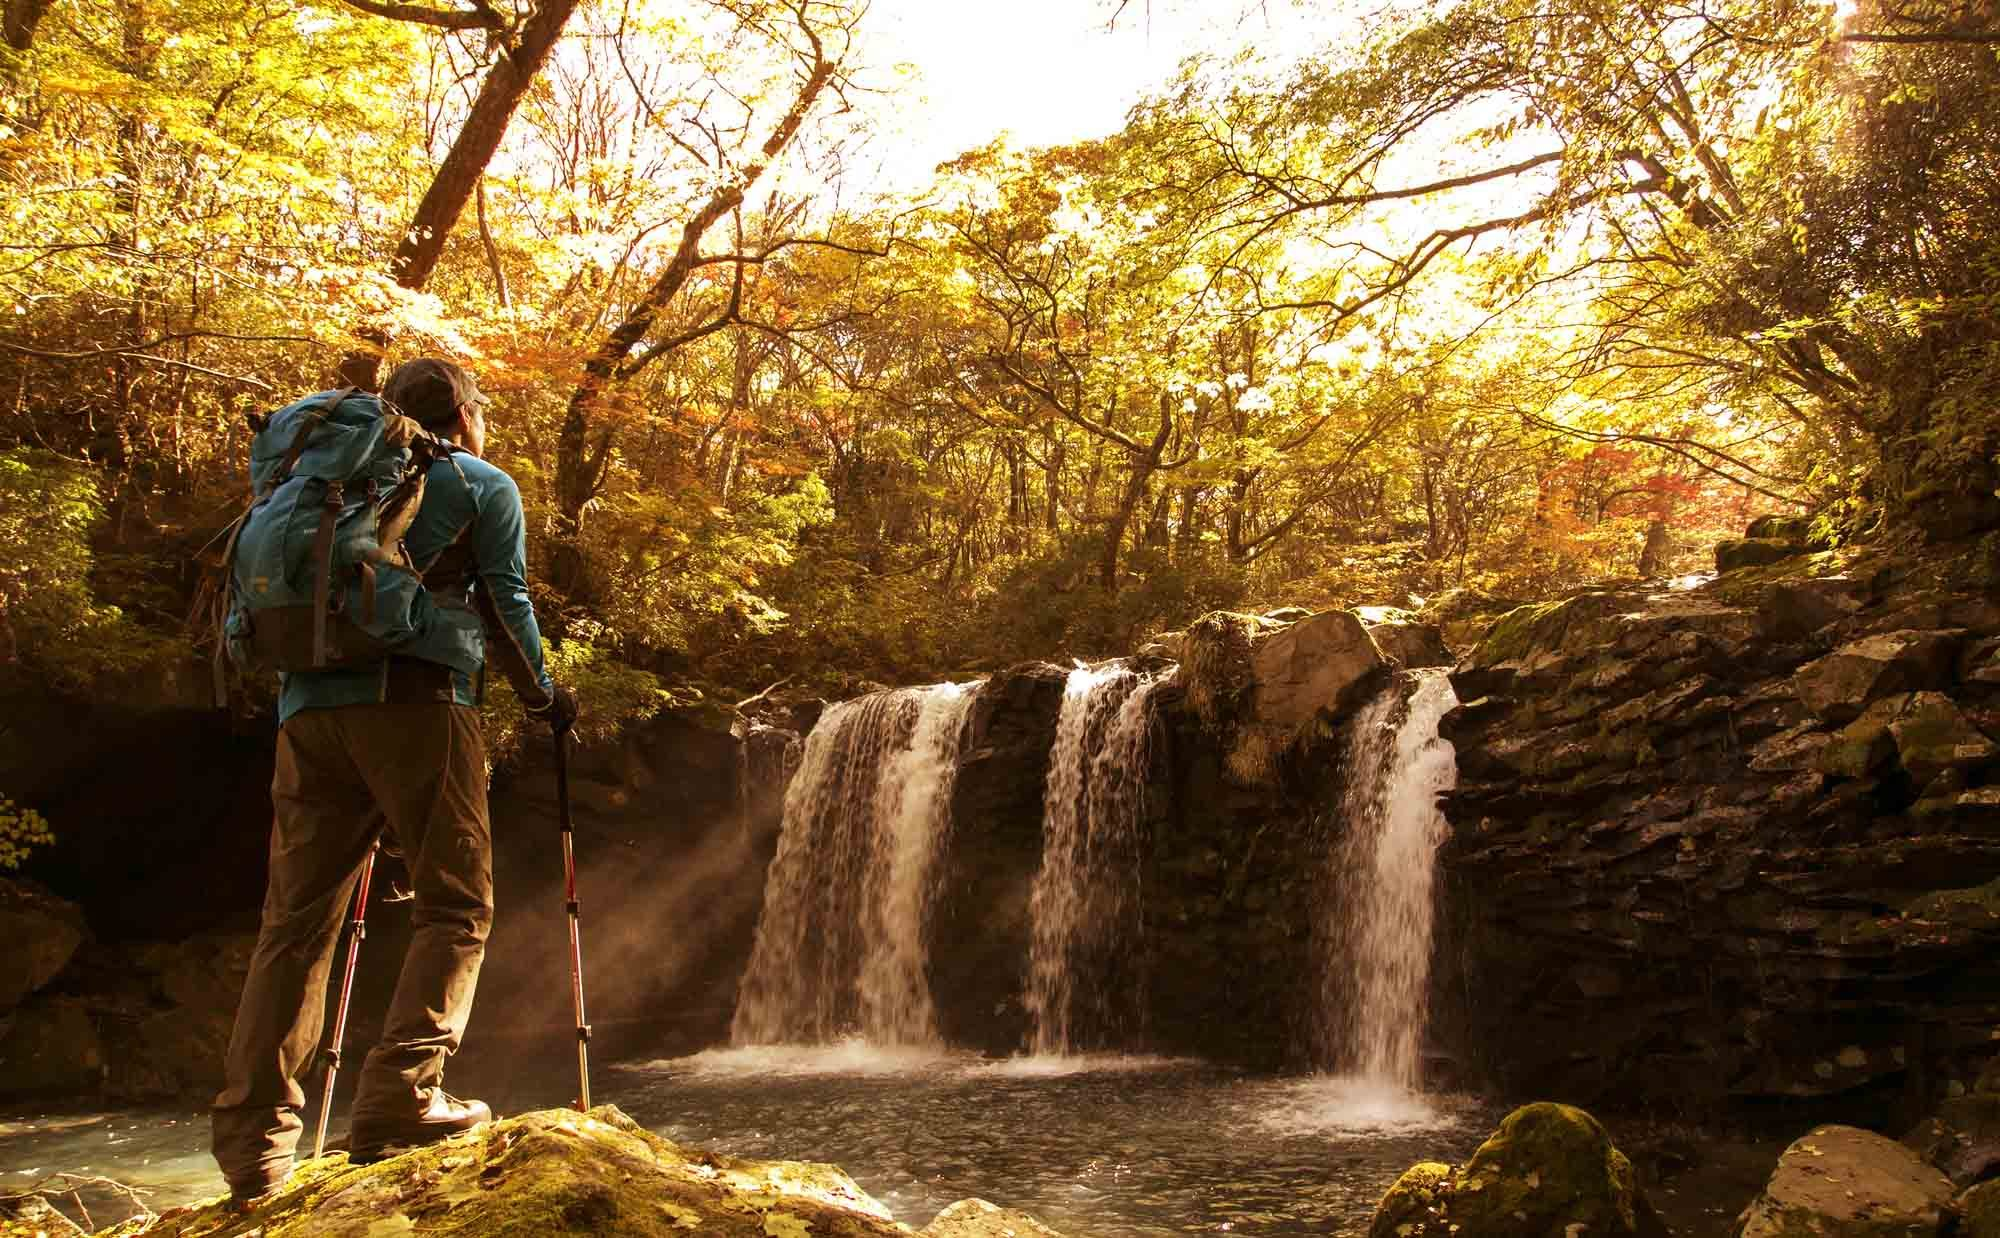 渓谷の美しさを存分に味わおう、「沢登り」の魅力と注意点を解説